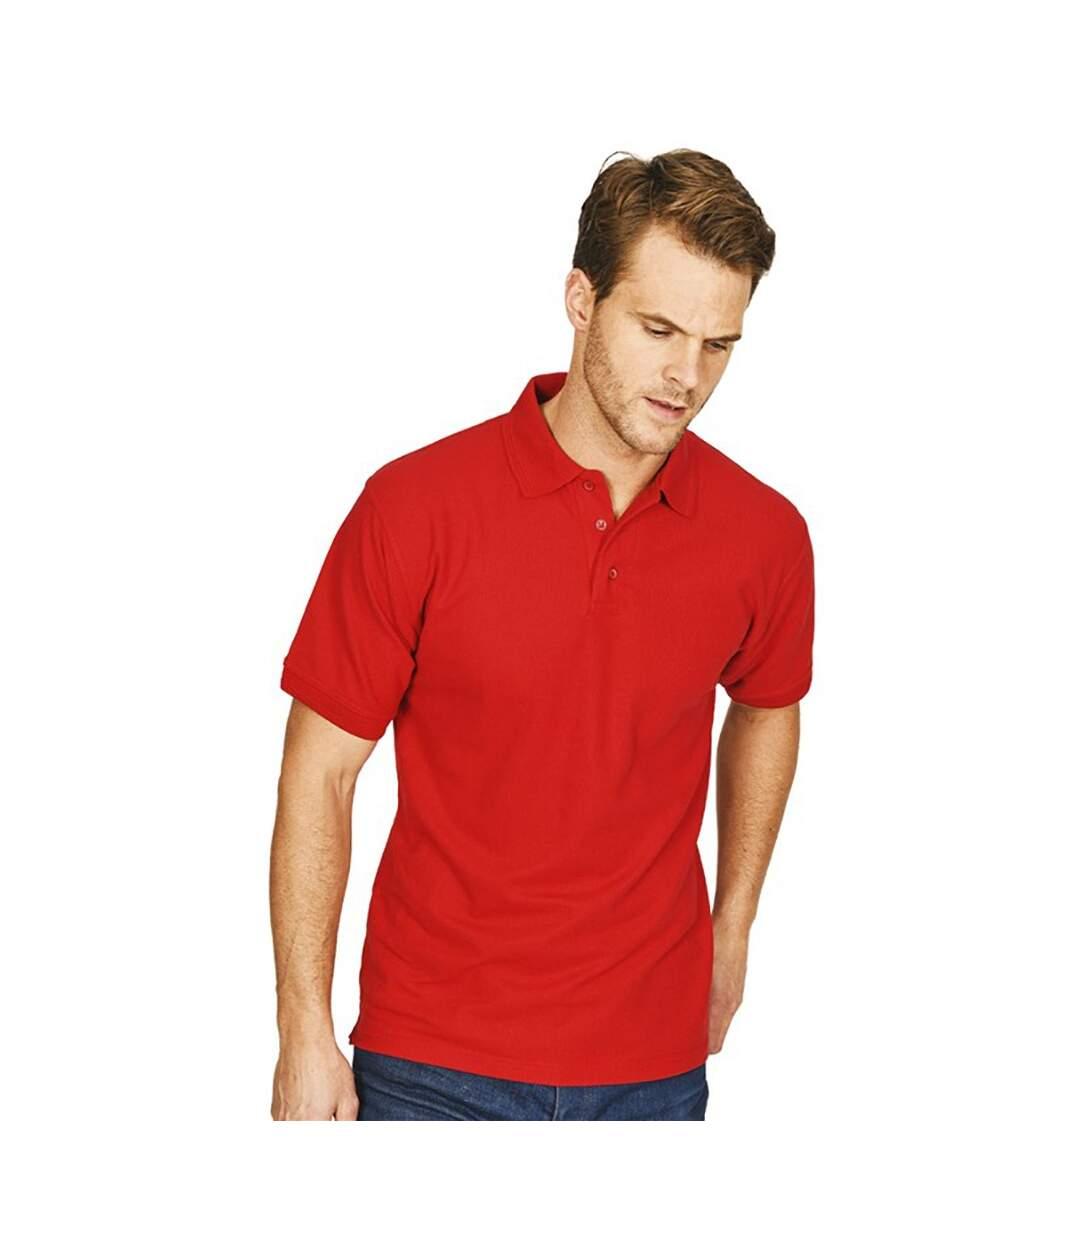 Absolute Apparel Mens Precision Polo (Red) - UTAB105